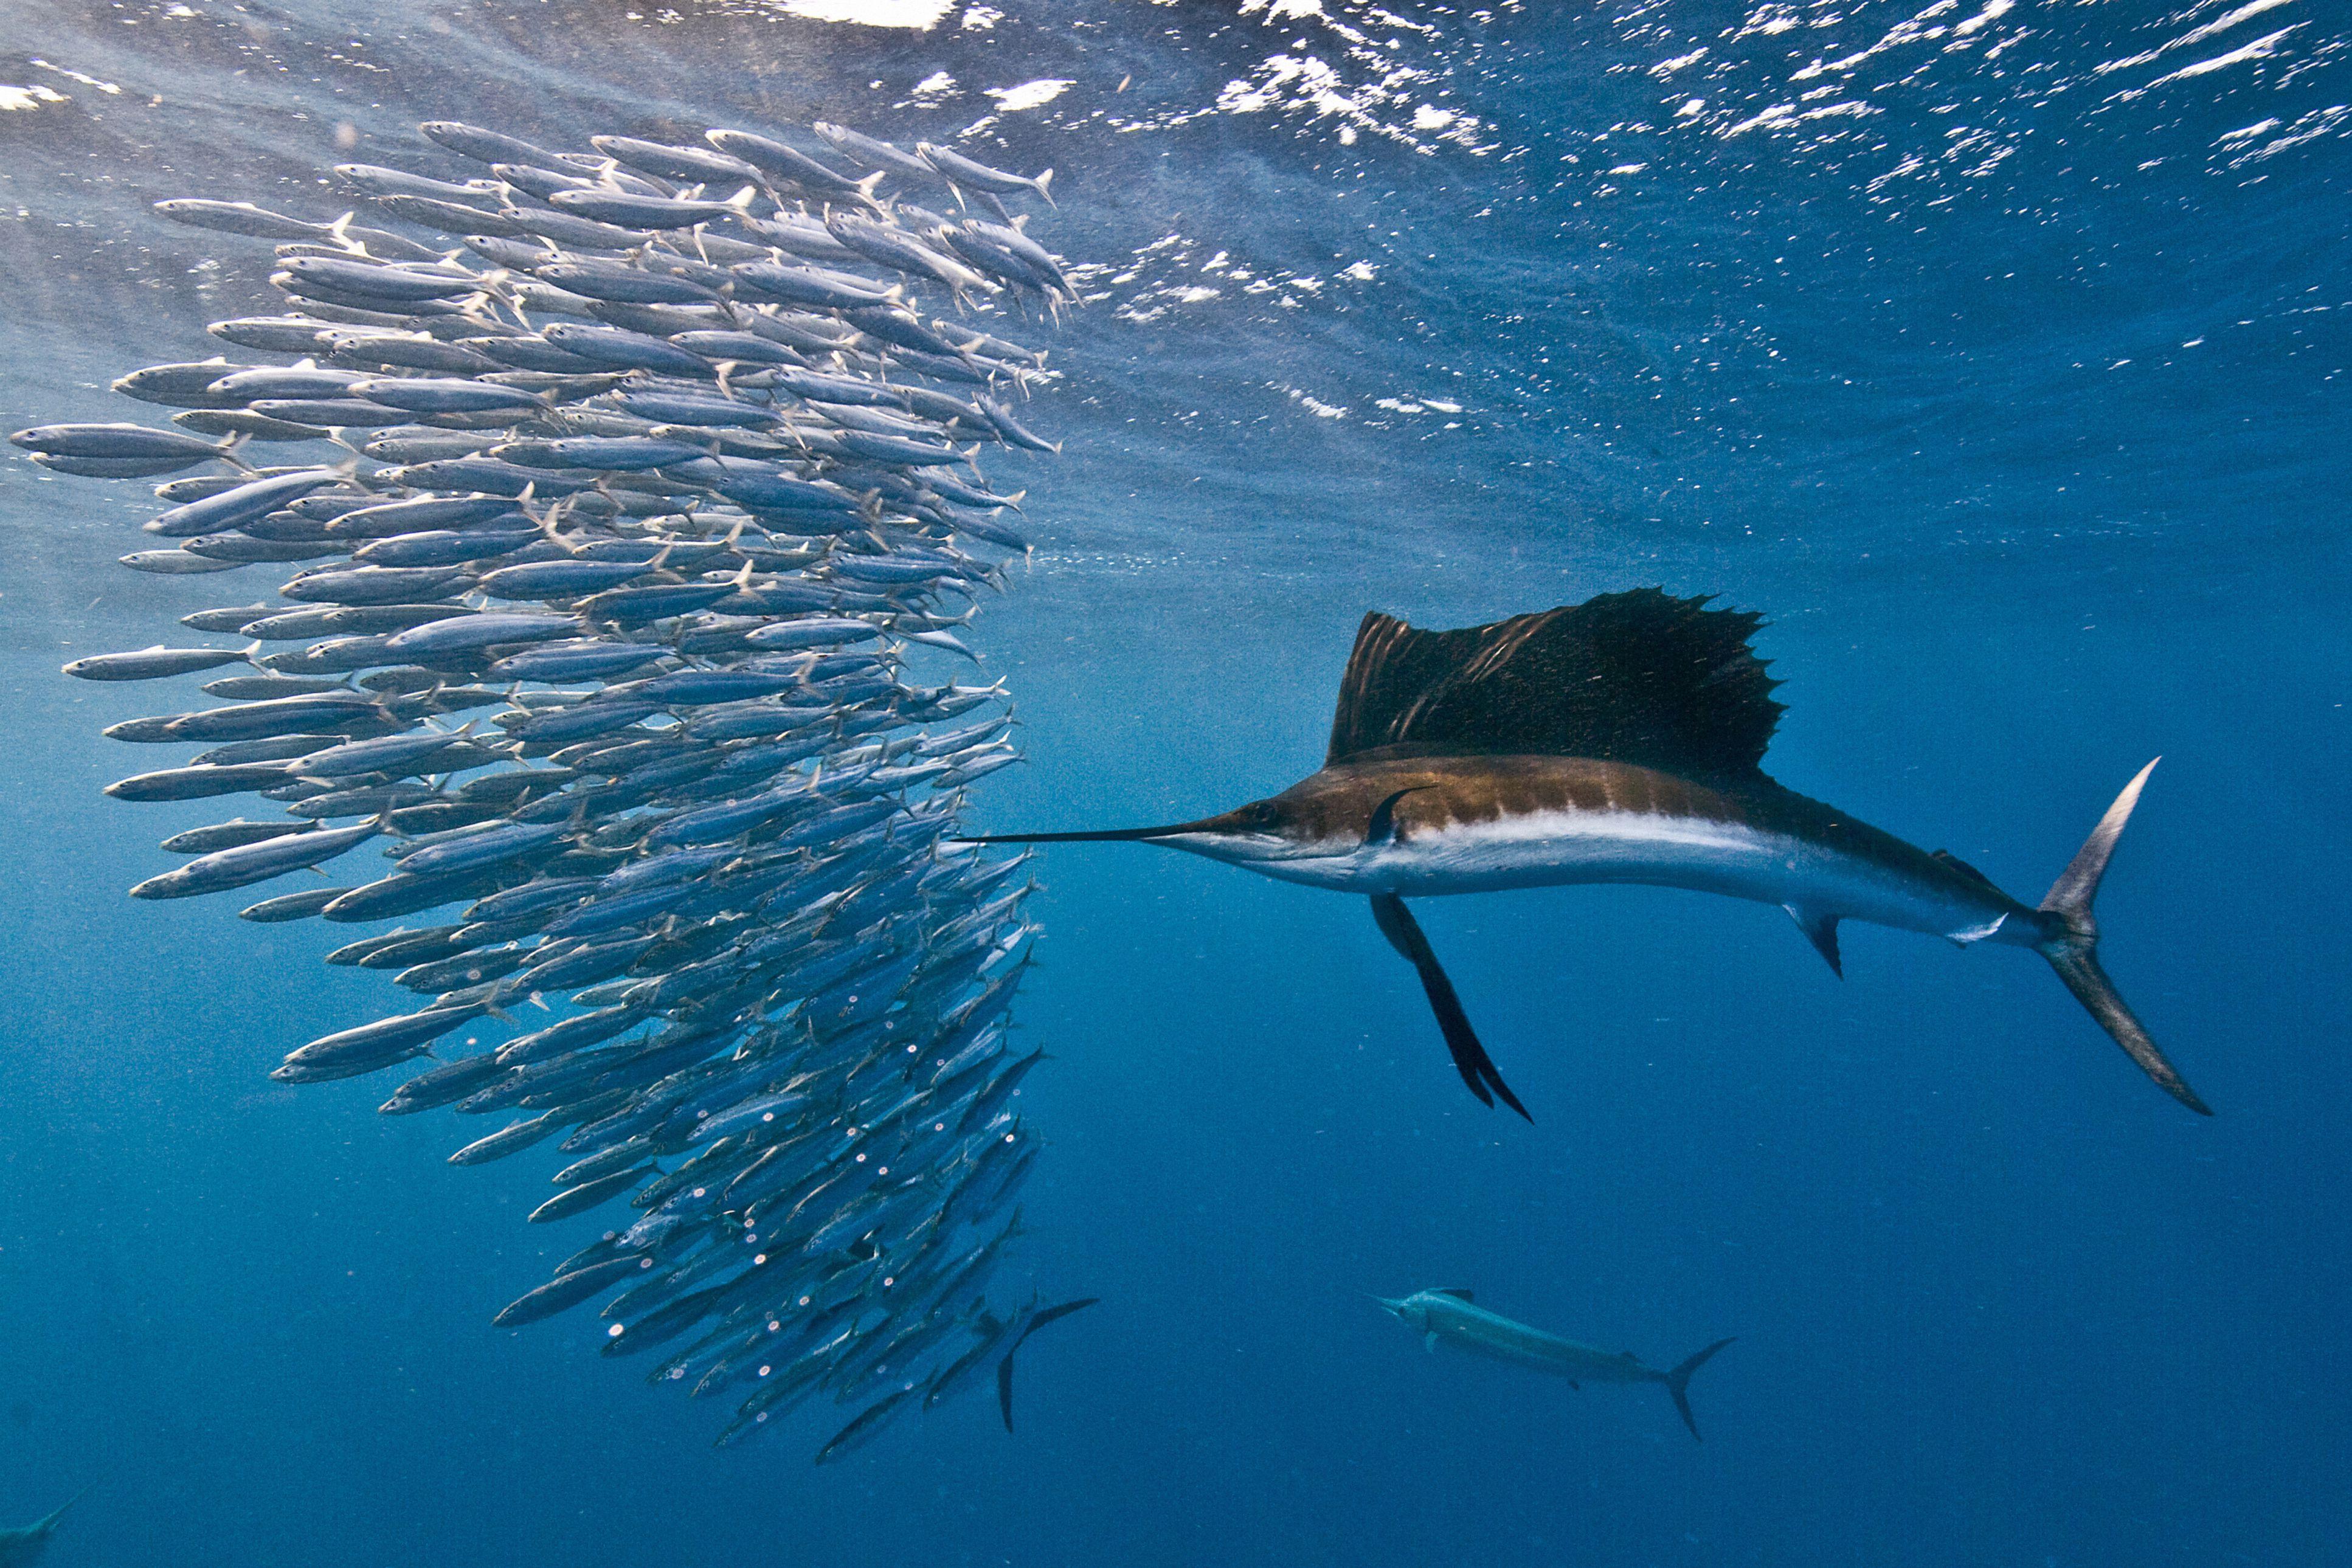 Bony Fish: Description and Characteristics